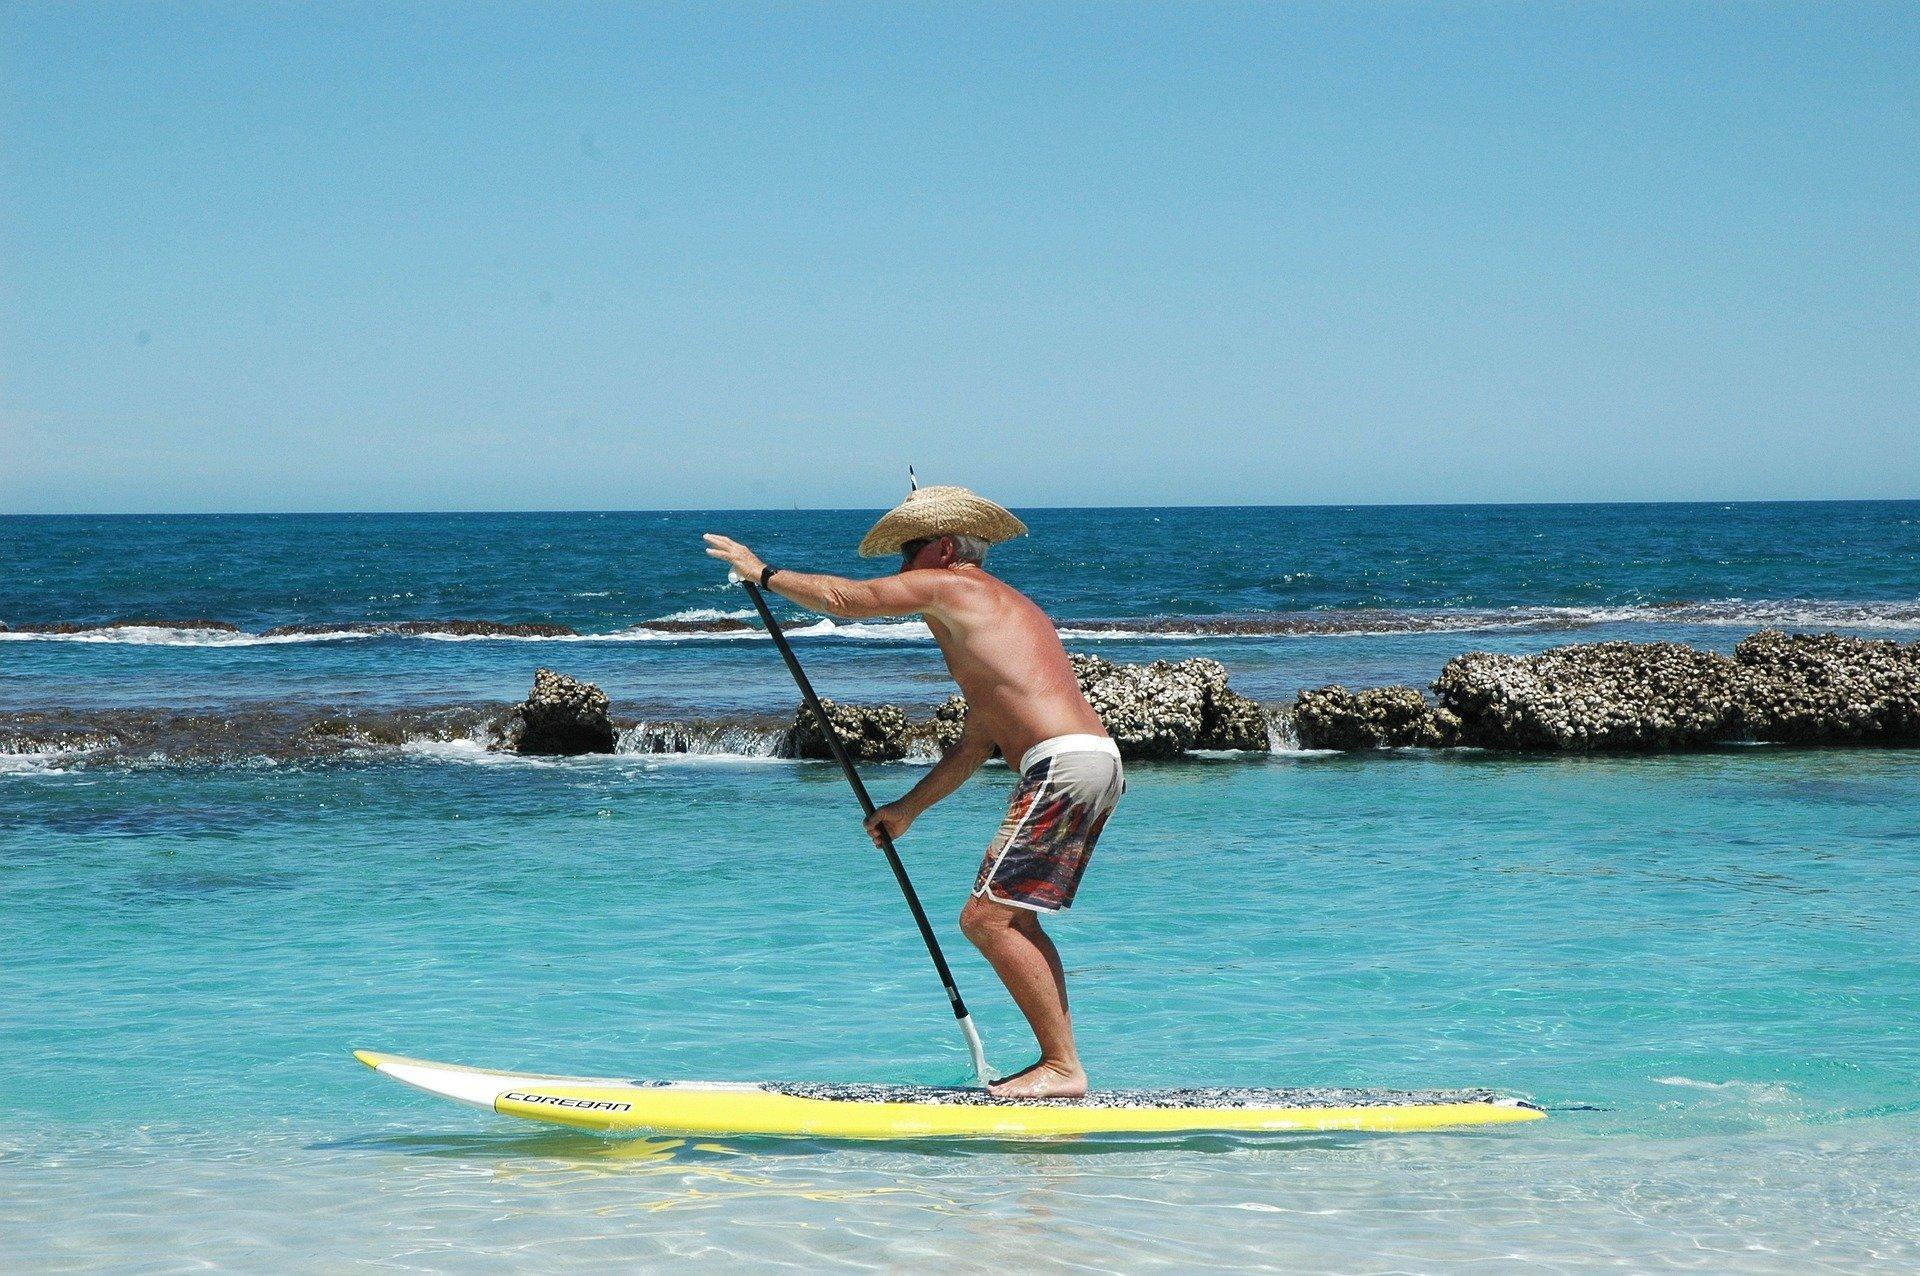 Idoso praticando em pé em prancha de surfe